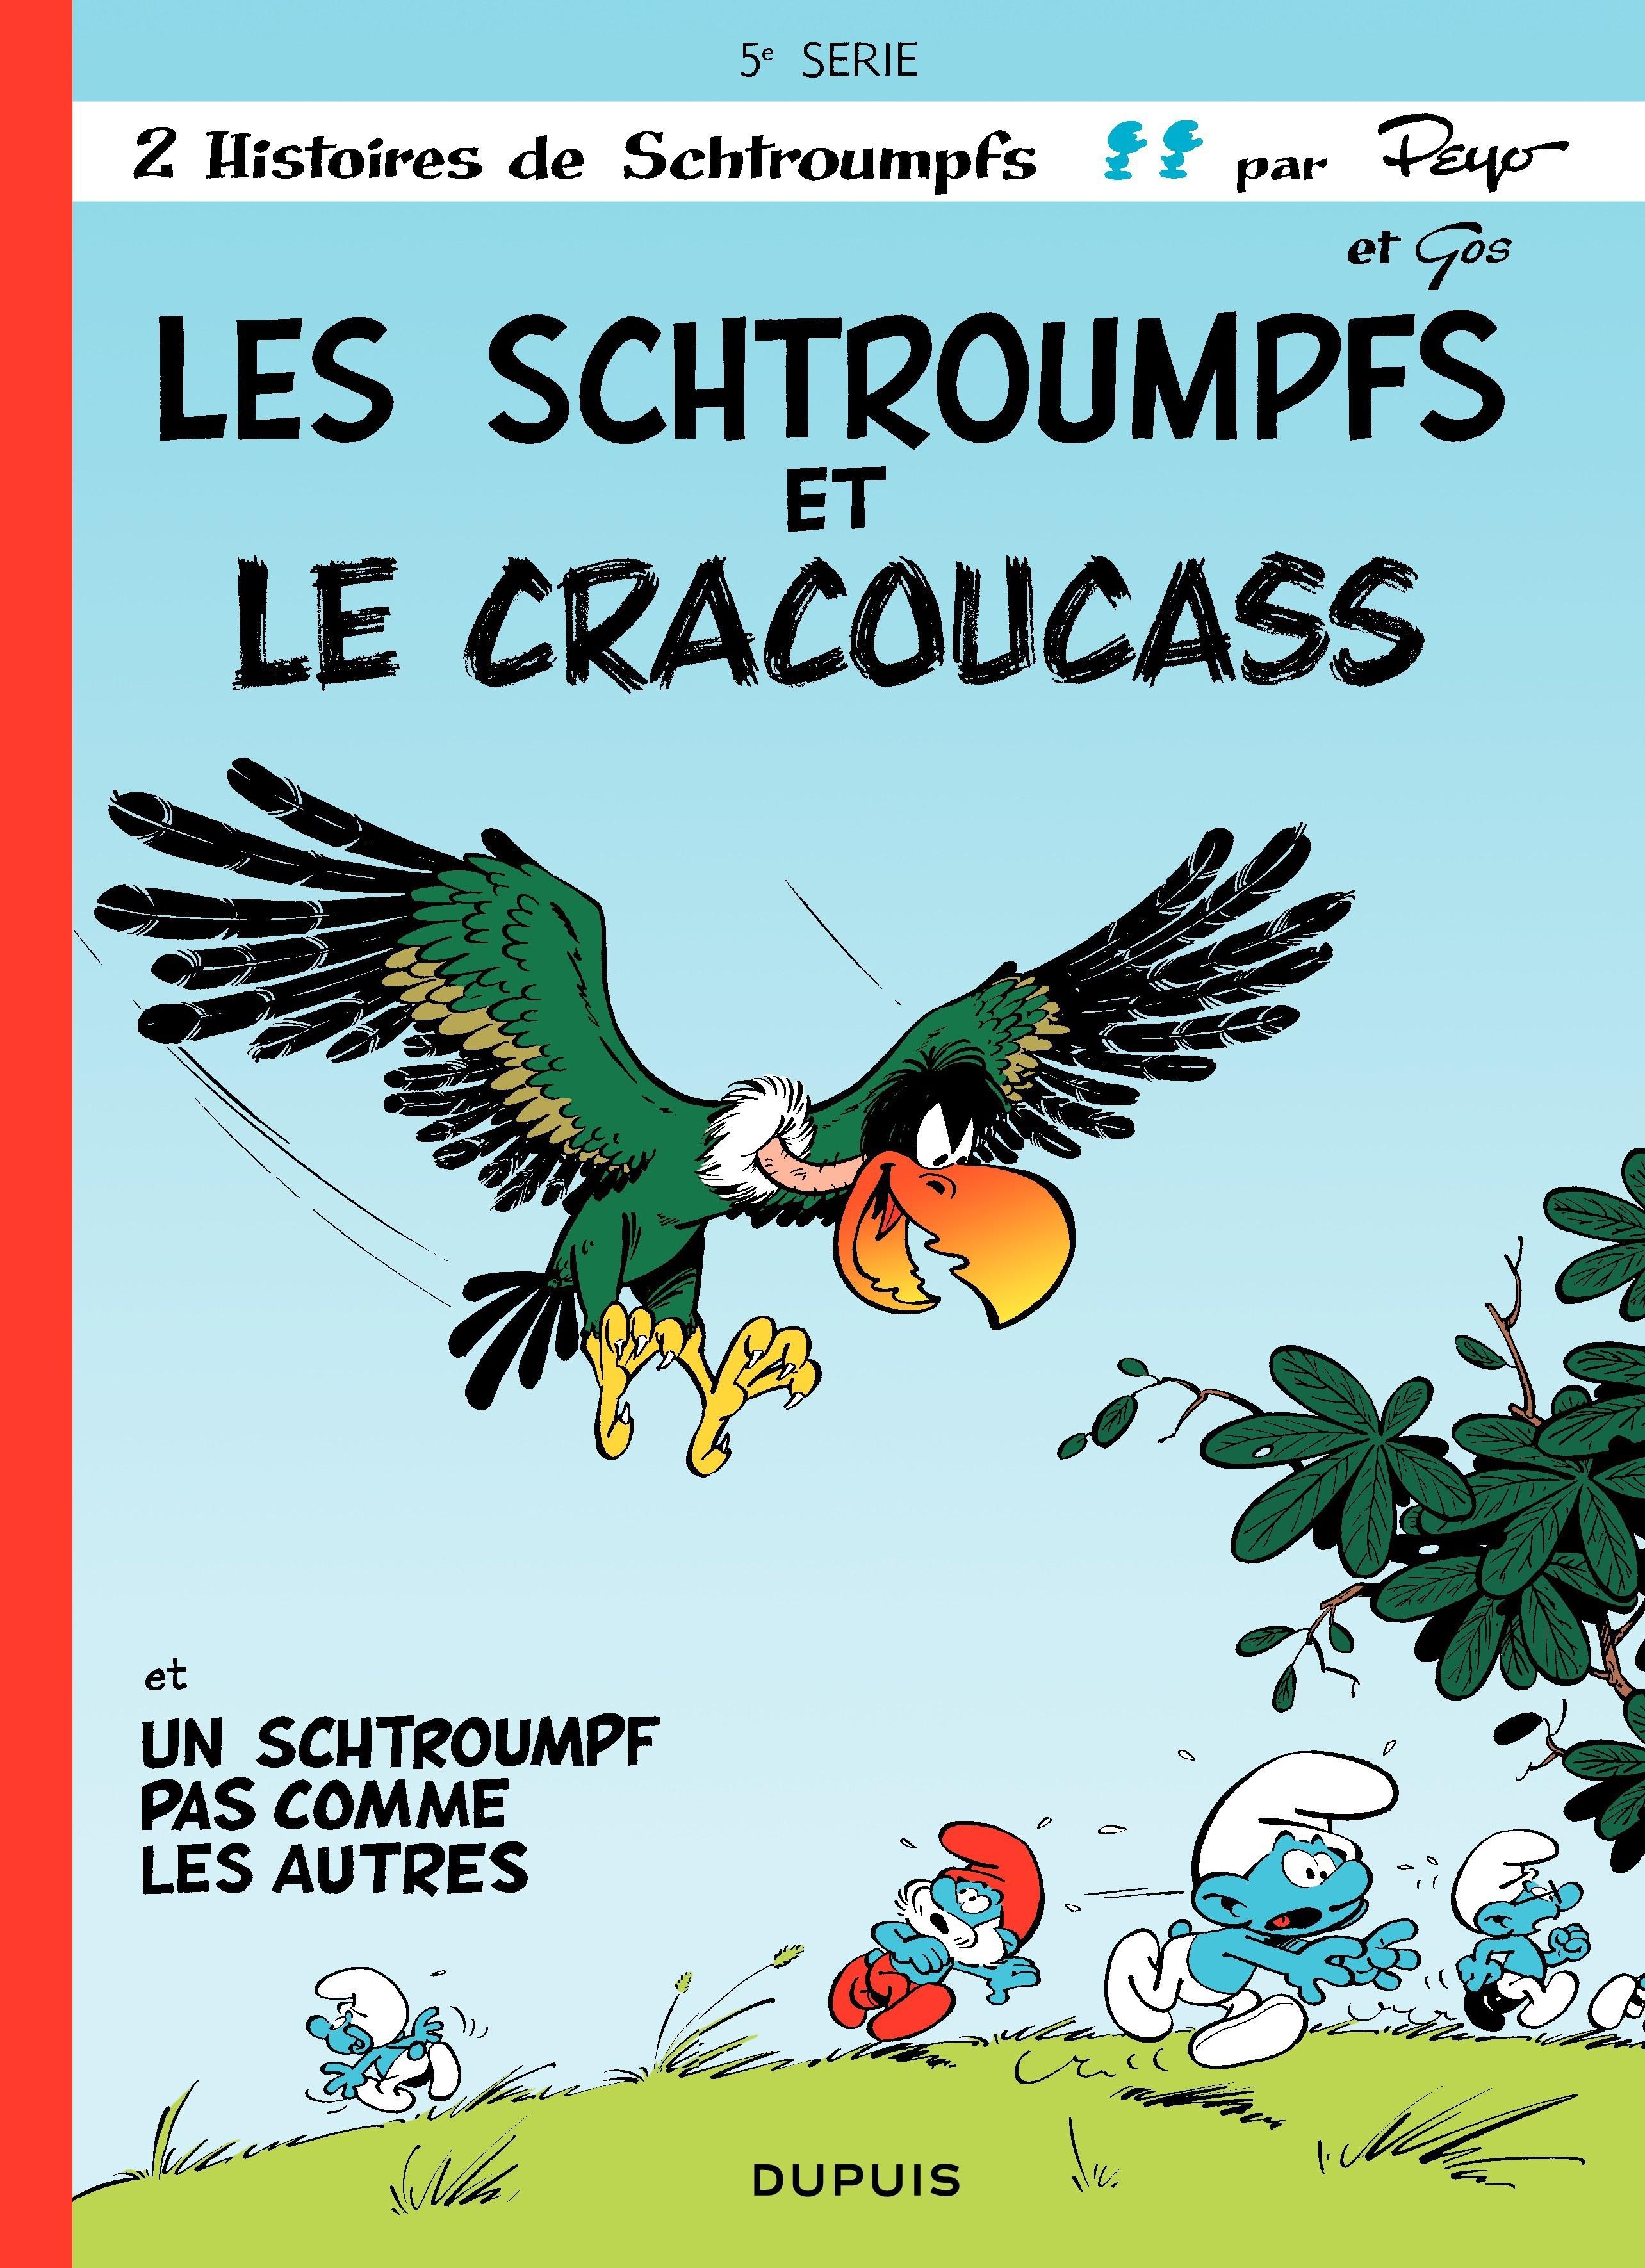 Les Schtroumpfs - tome 05 - Les Schtroumpfs et le Cracoucass